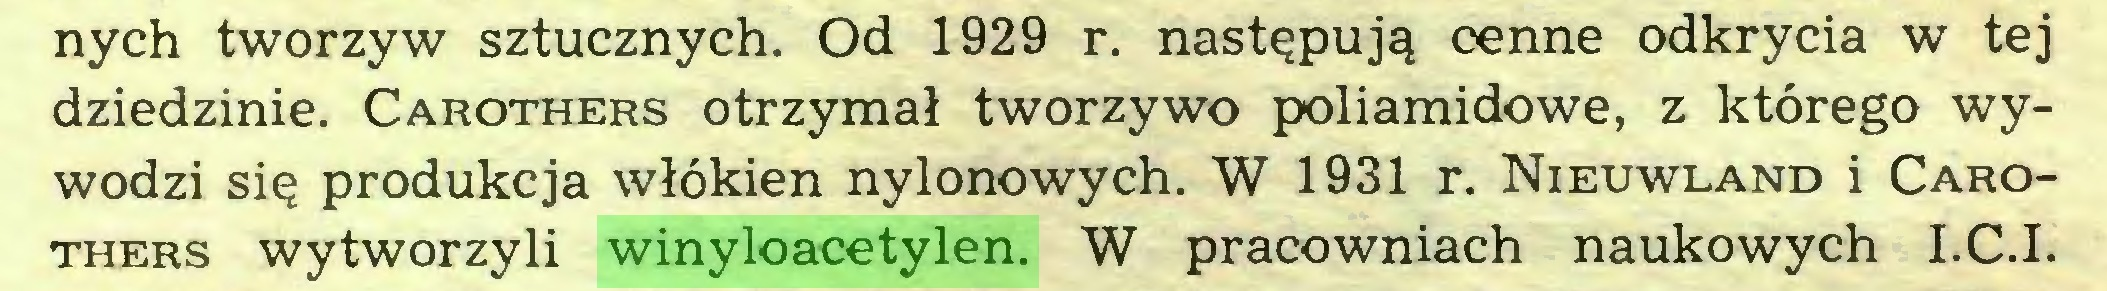 (...) nych tworzyw sztucznych. Od 1929 r. następują cenne odkrycia w tej dziedzinie. Carothers otrzymał tworzywo poliamidowe, z którego wywodzi się produkcja włókien nylonowych. W 1931 r. Nieuwland i Carothers wytworzyli winyloacetylen. W pracowniach naukowych I.C.I...